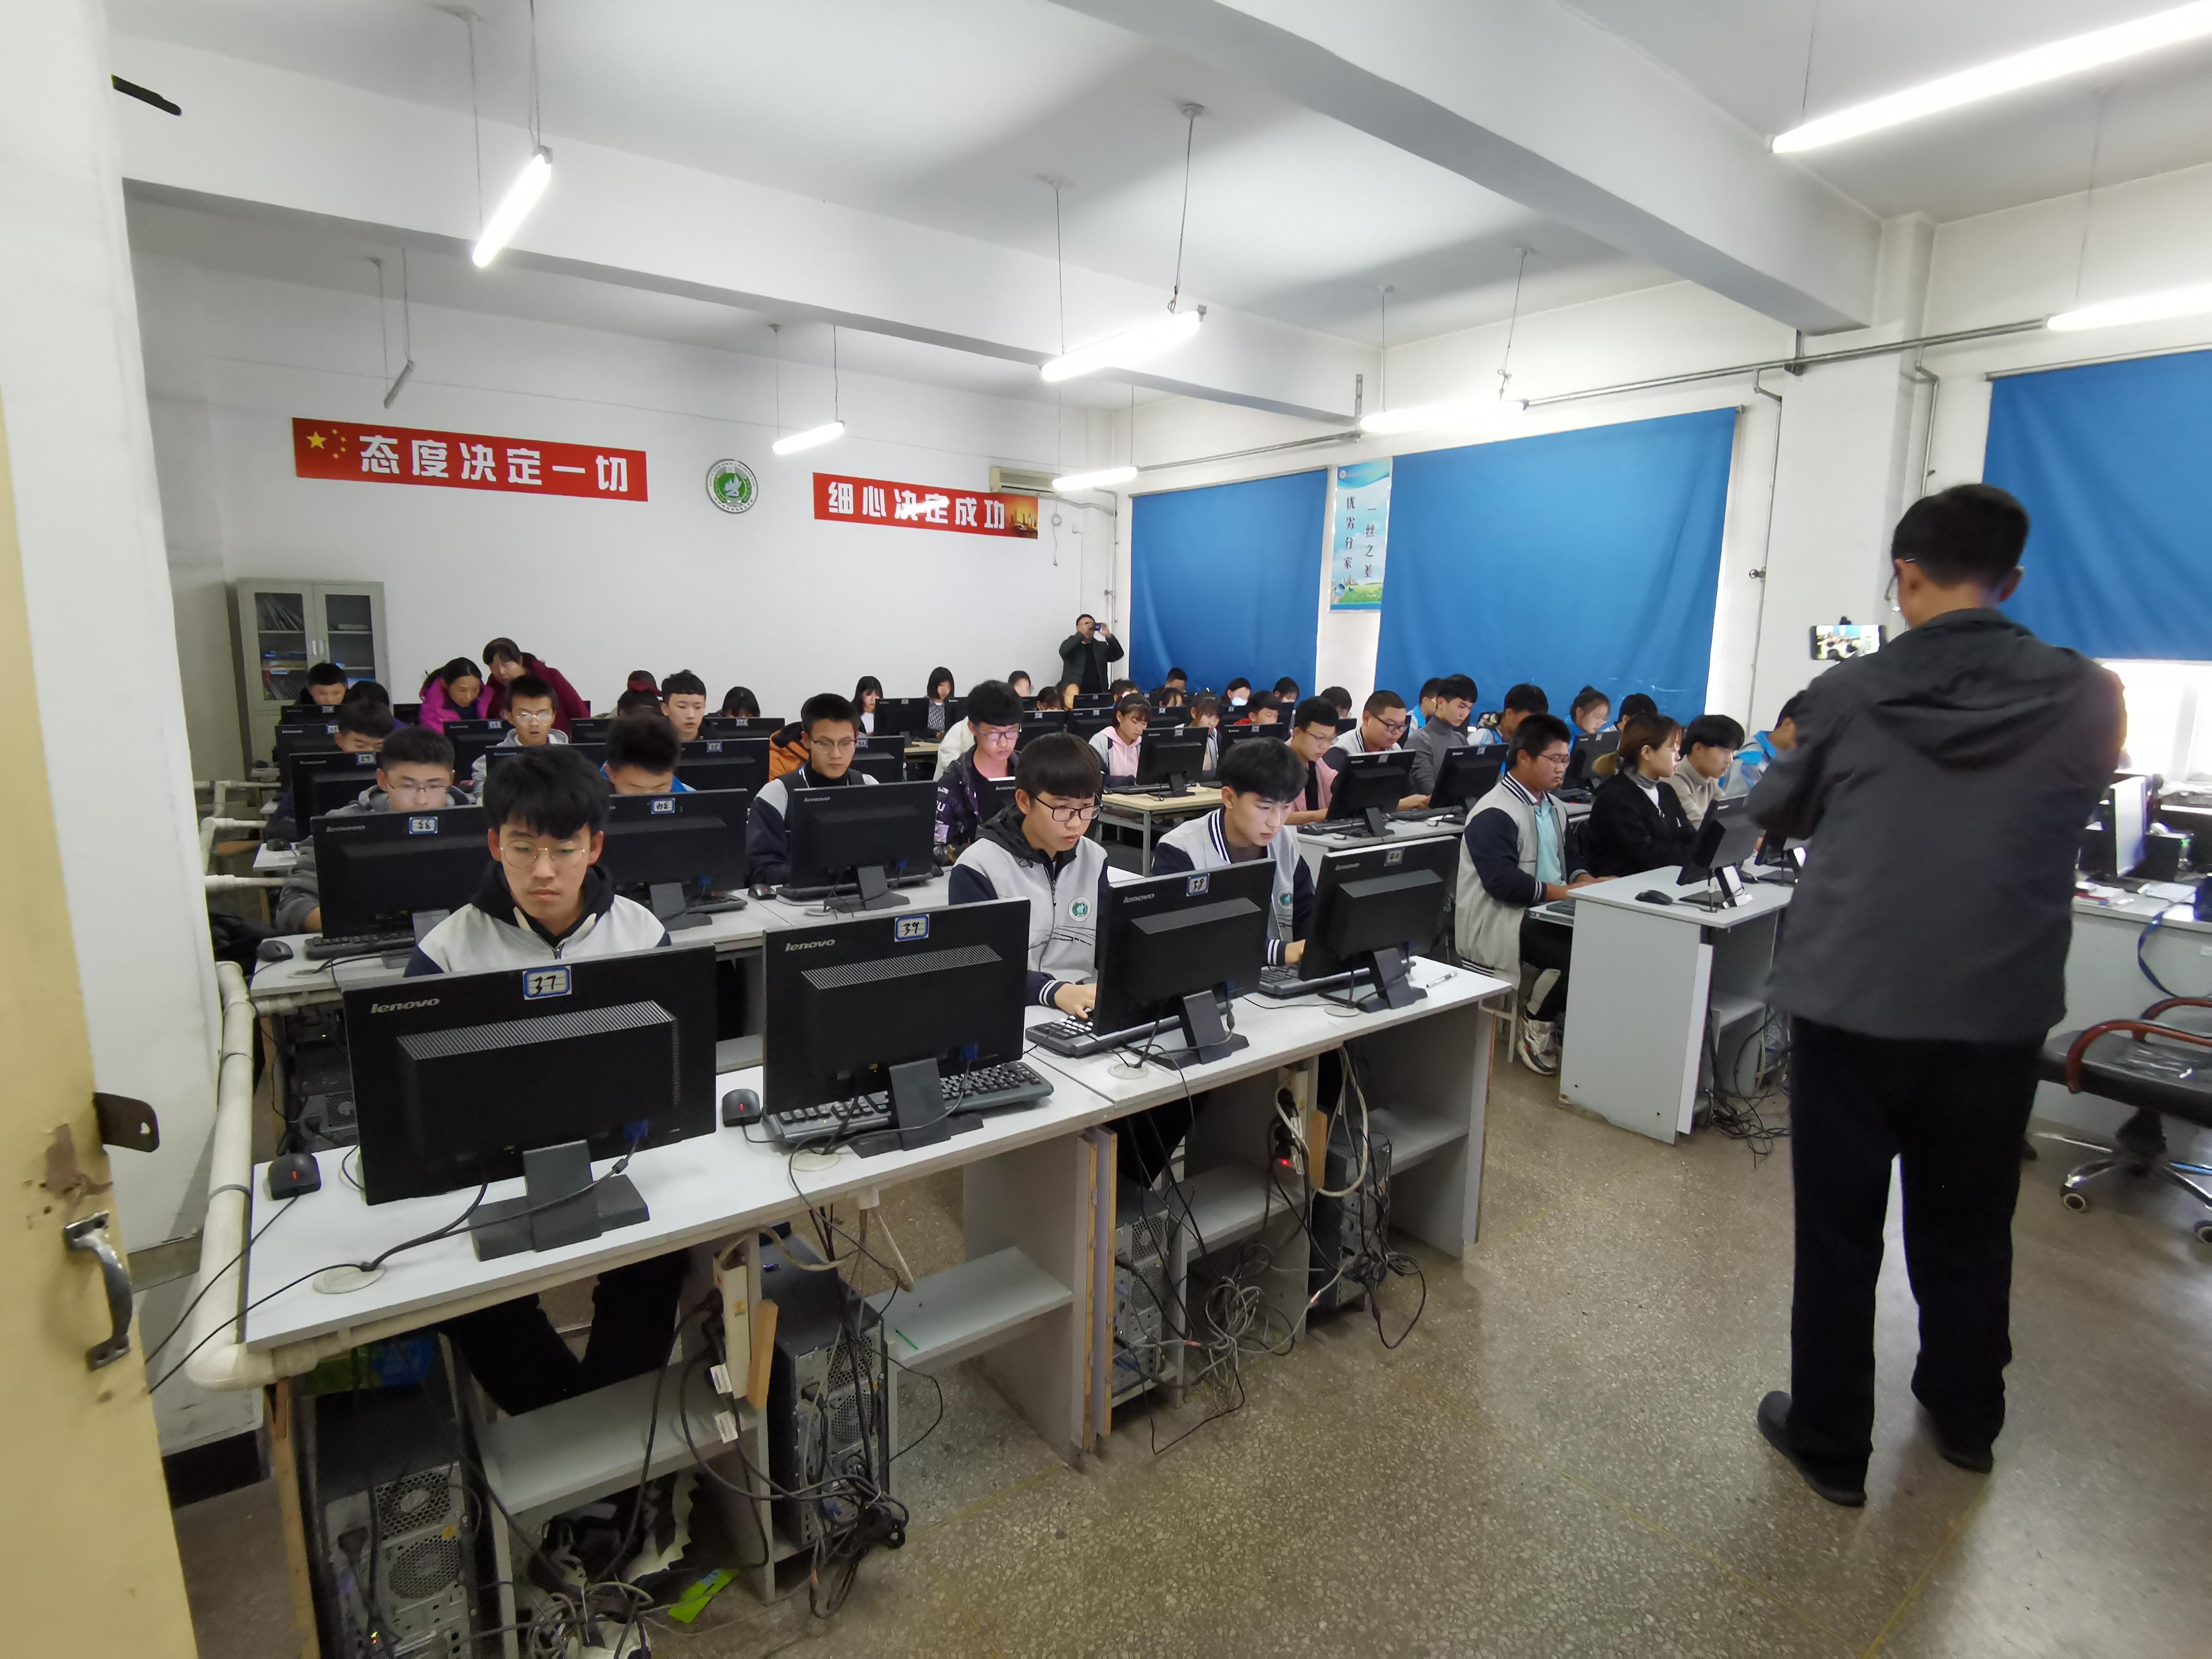 计算机系--老师分发考题.jpg